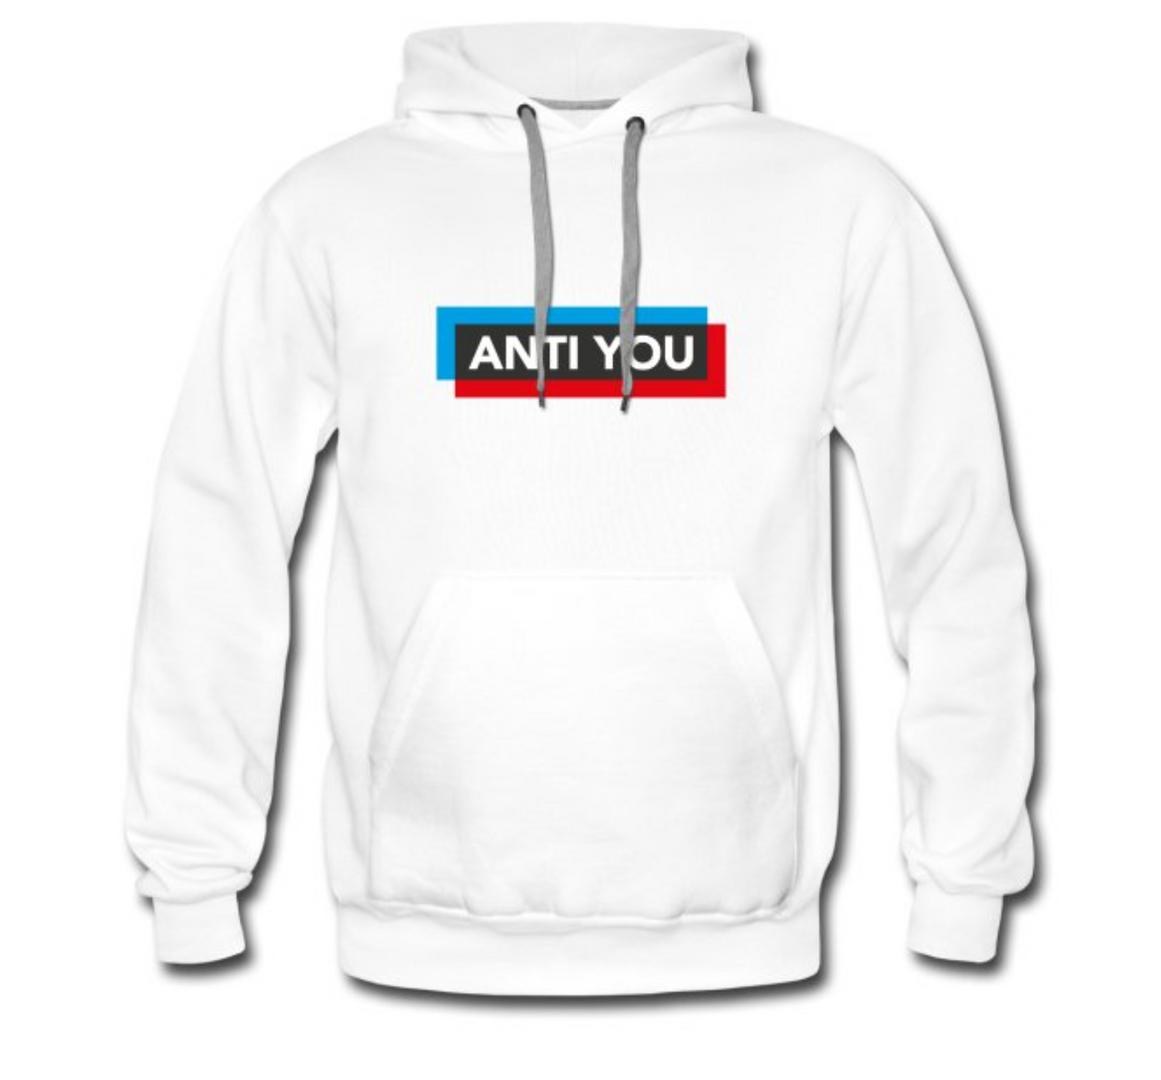 Anti you (white)